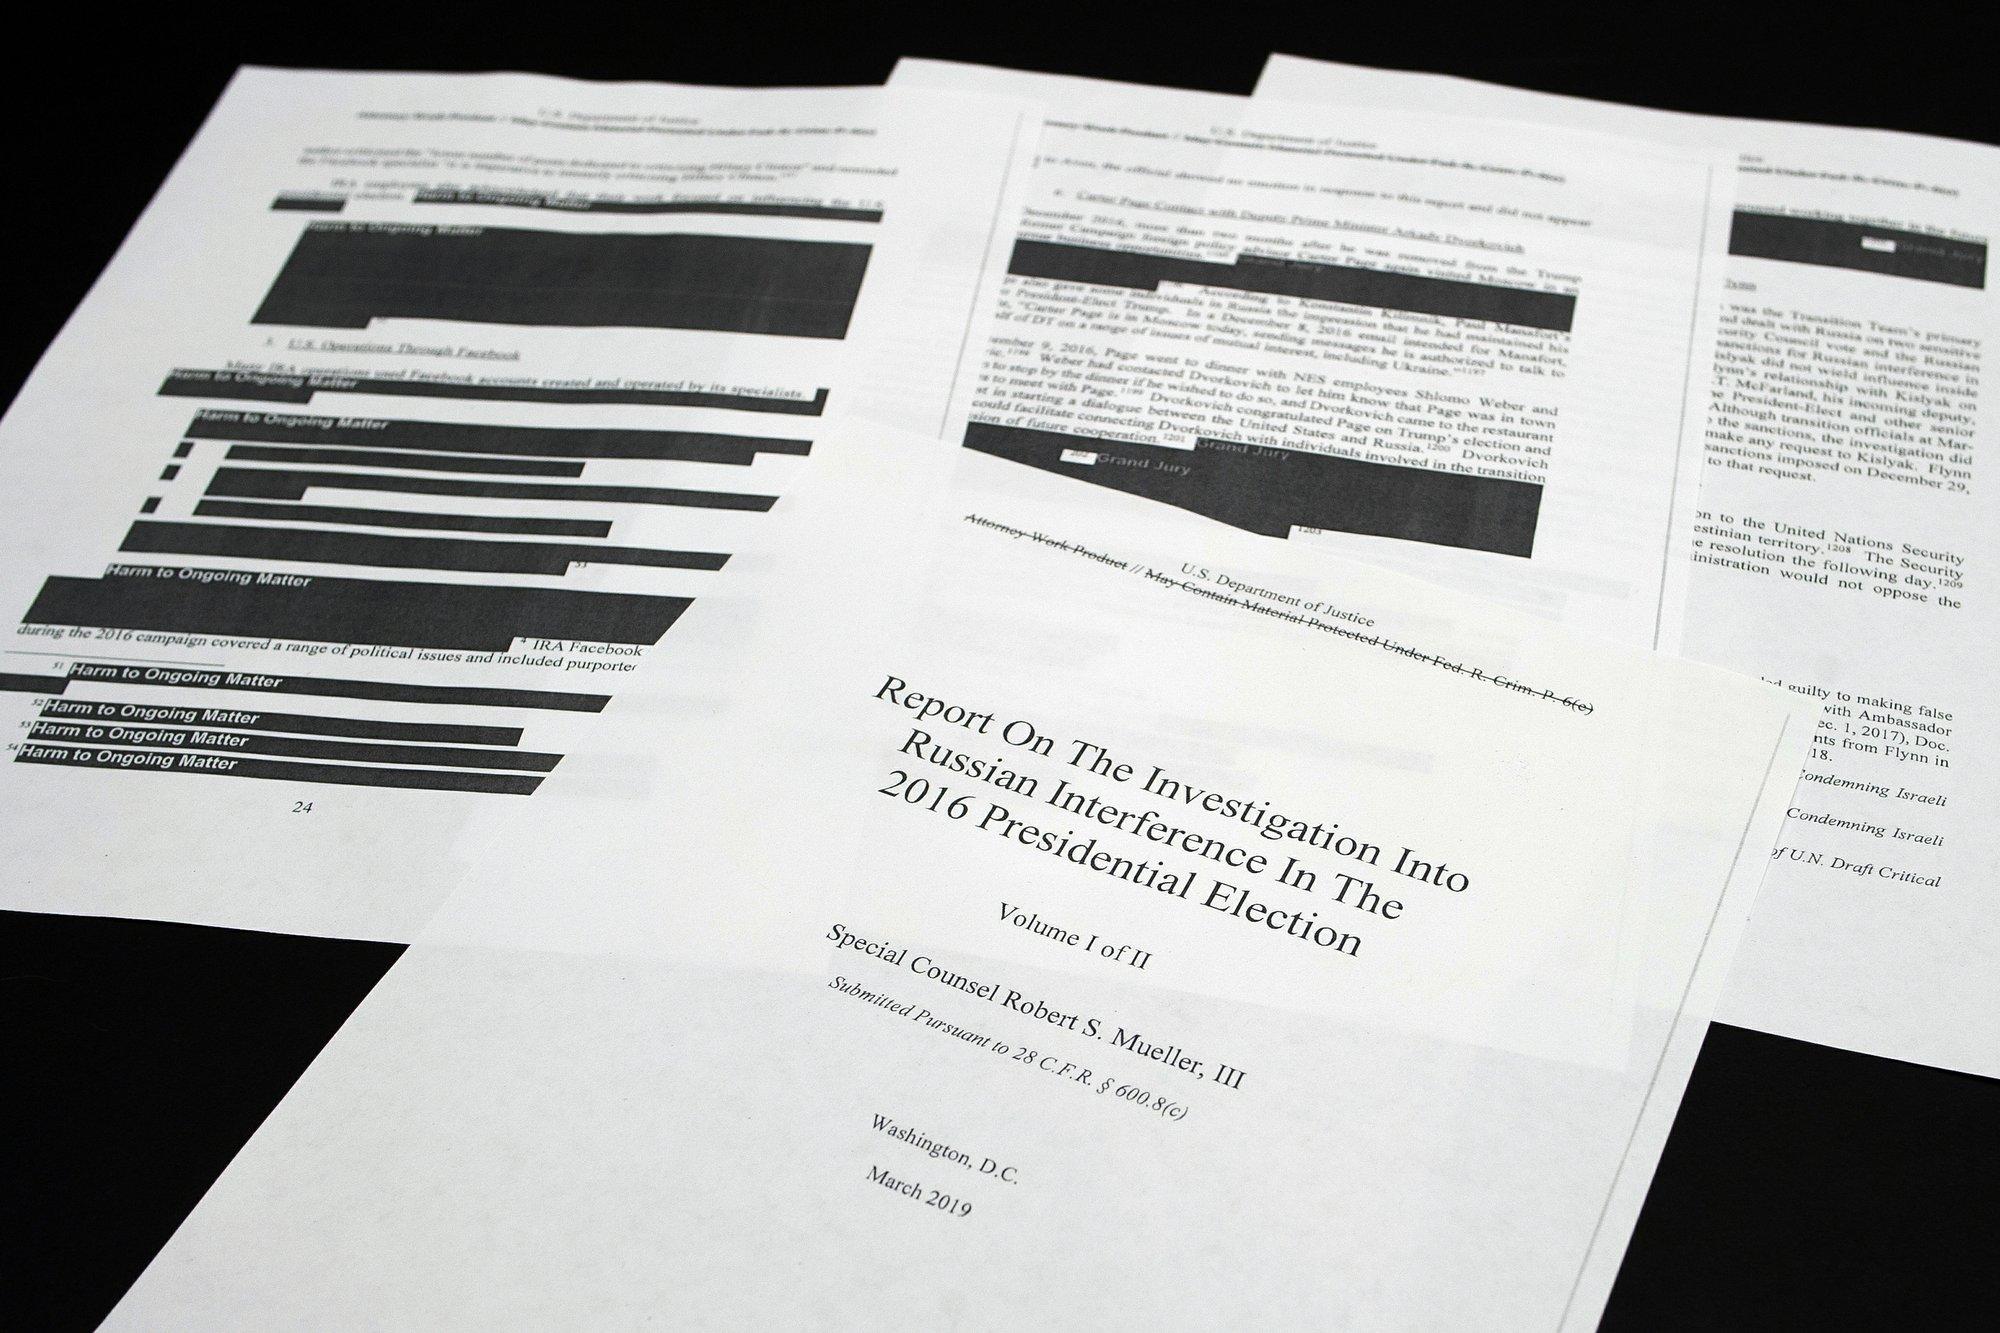 Key takeaways from Robert Mueller's Russia report